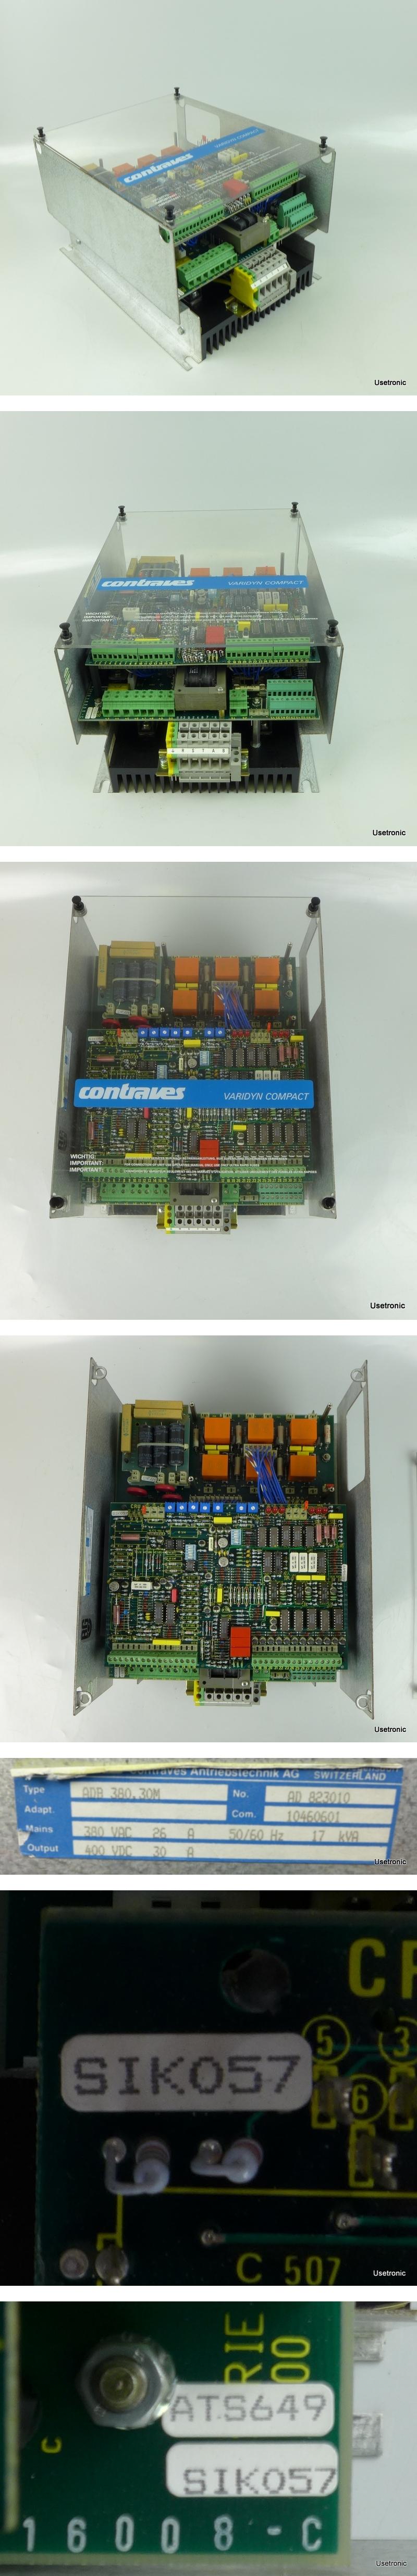 Contraves ADB380.30M